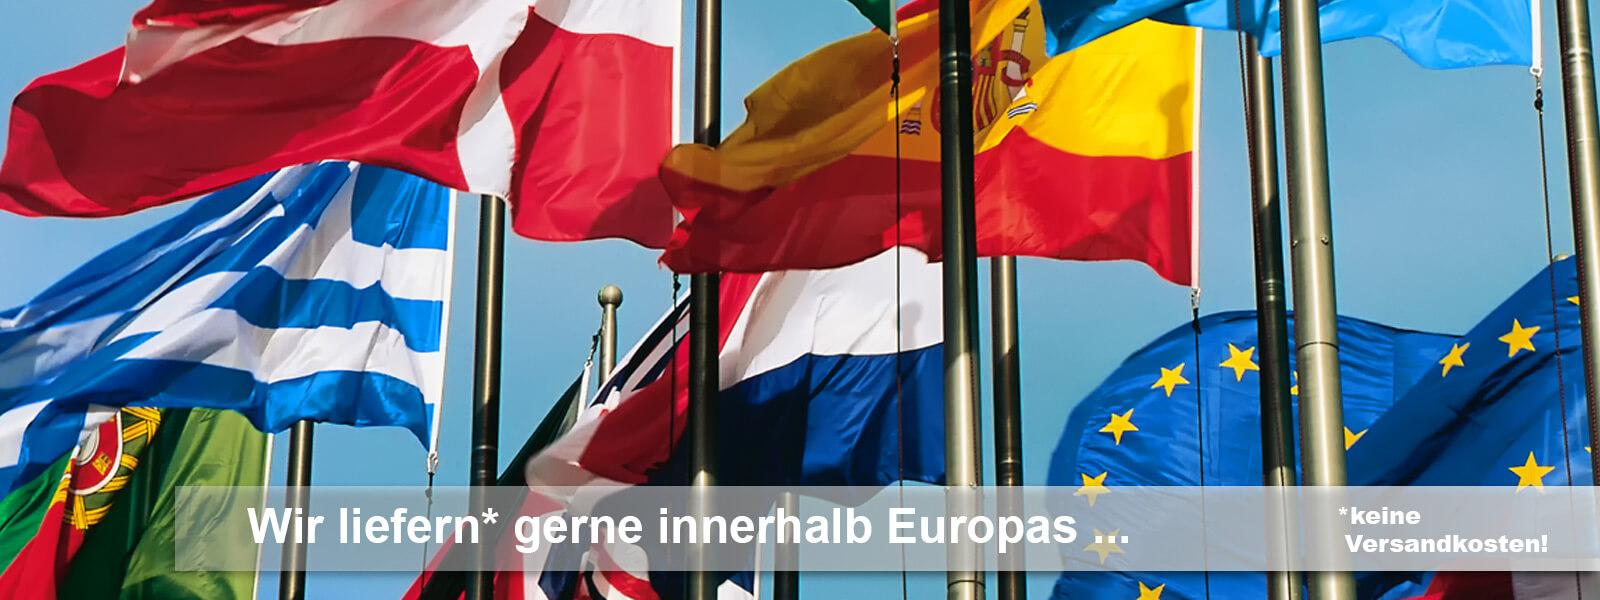 Branstores Lieferbedingungen für Europa